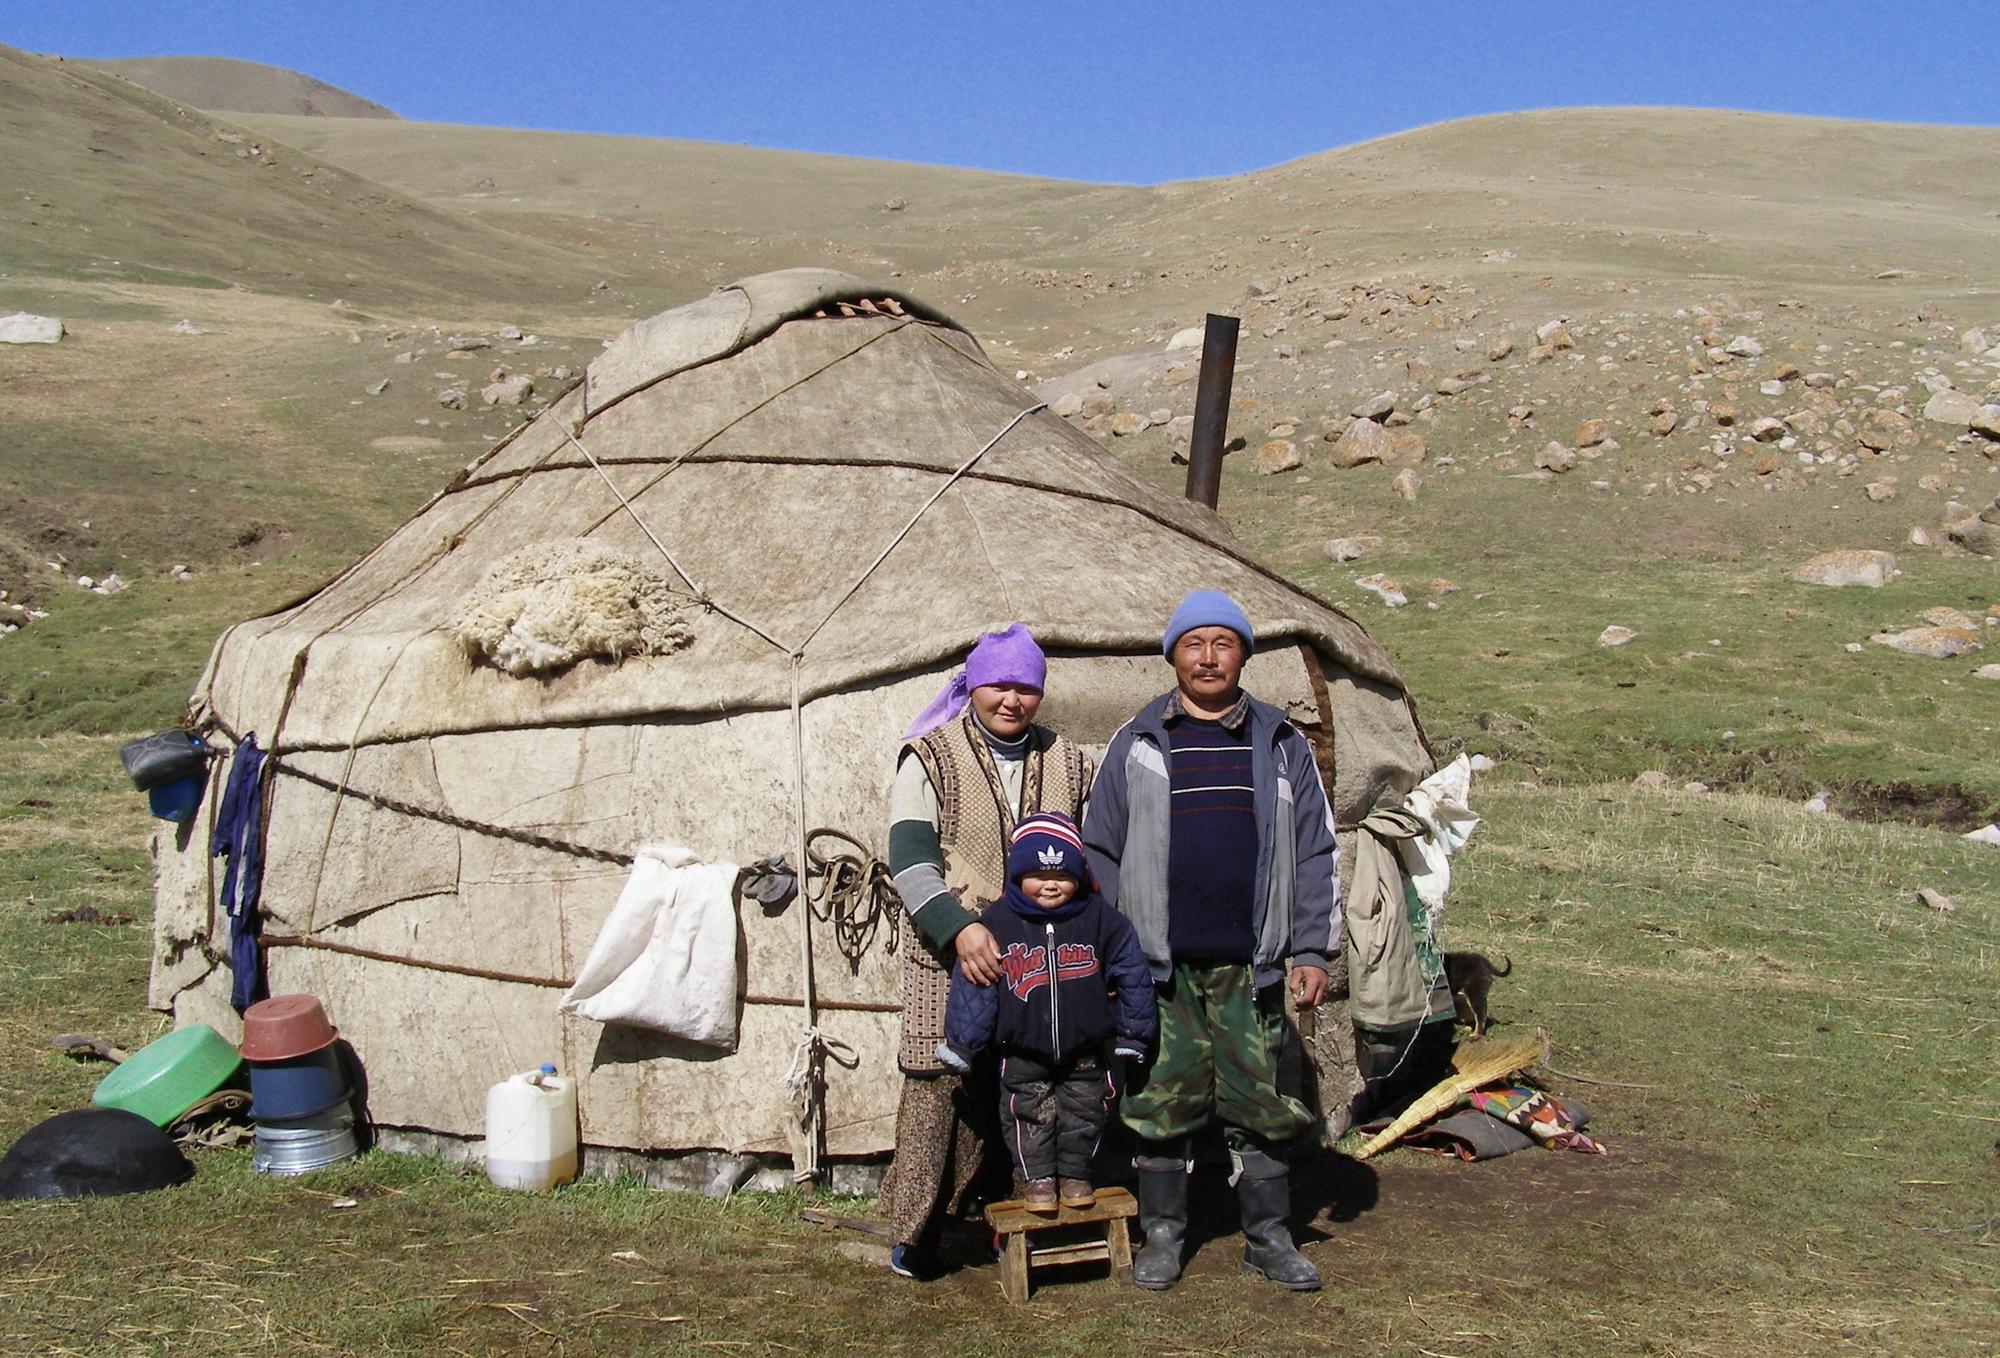 Arquitectura Vernácula: Yurtas, Viviendas Nómades en Mongolia